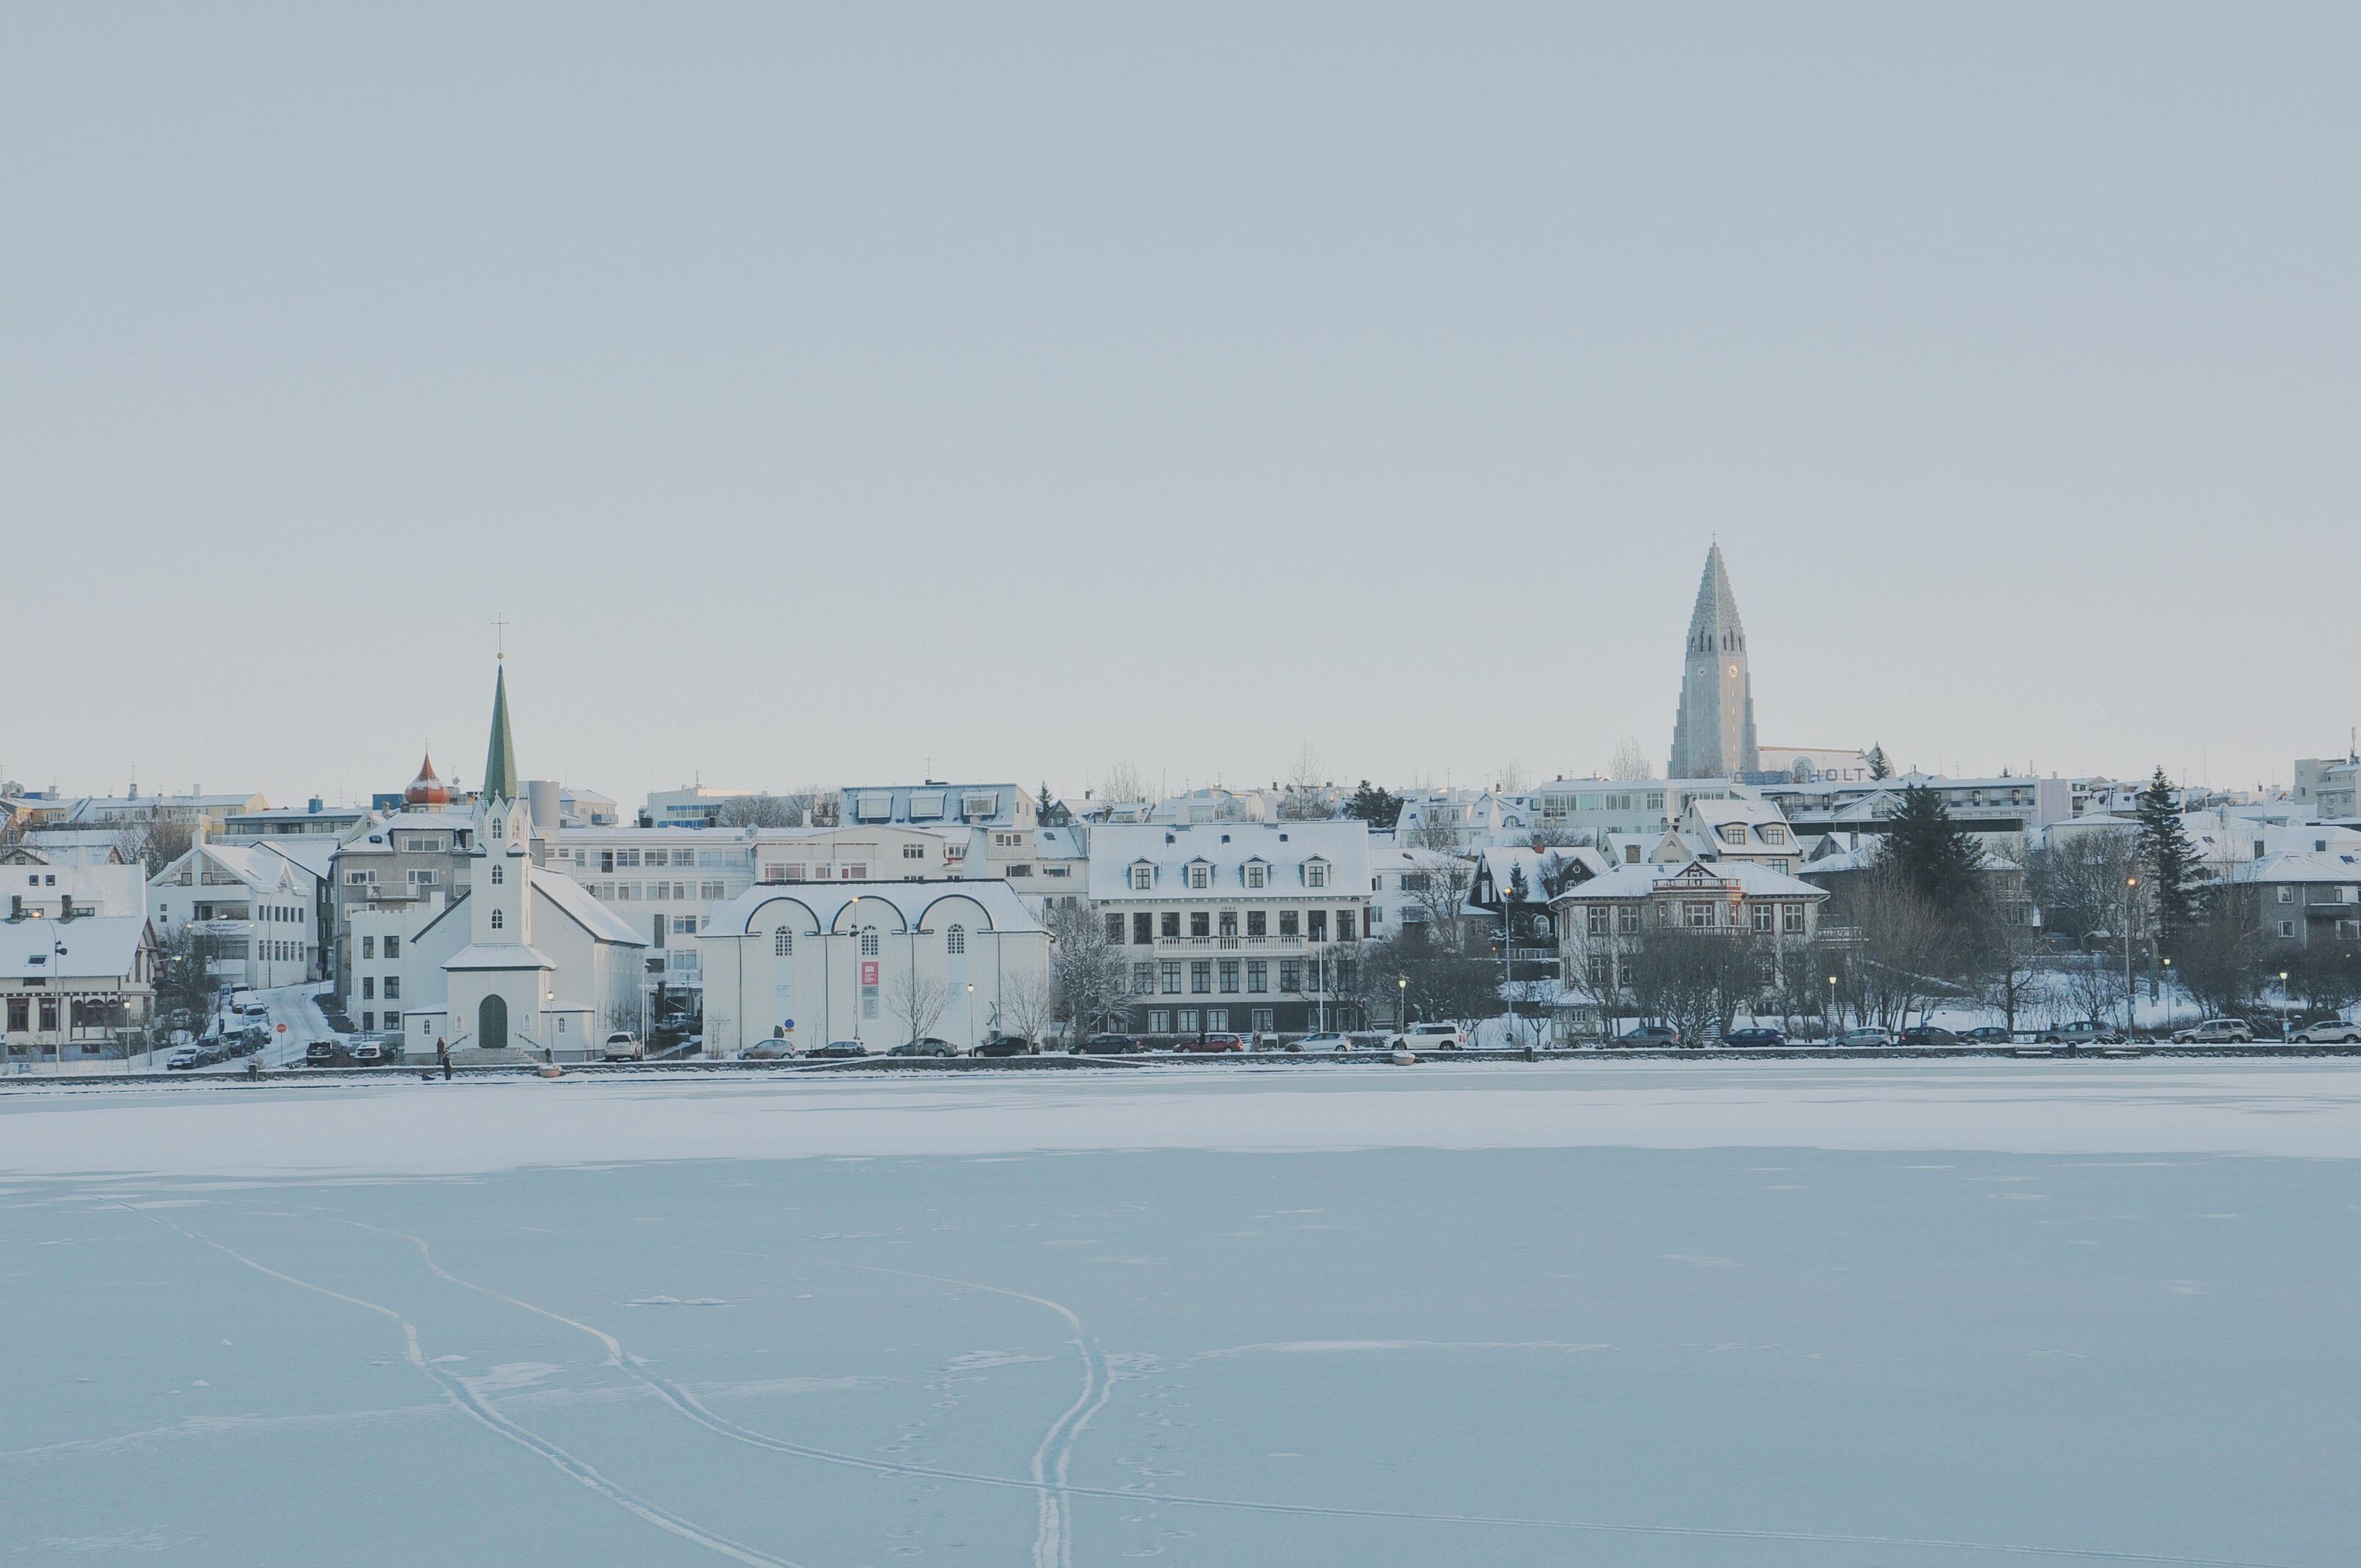 雷克雅未克市中心的托宁湖冬季会结冰,是孩子们游乐的天堂